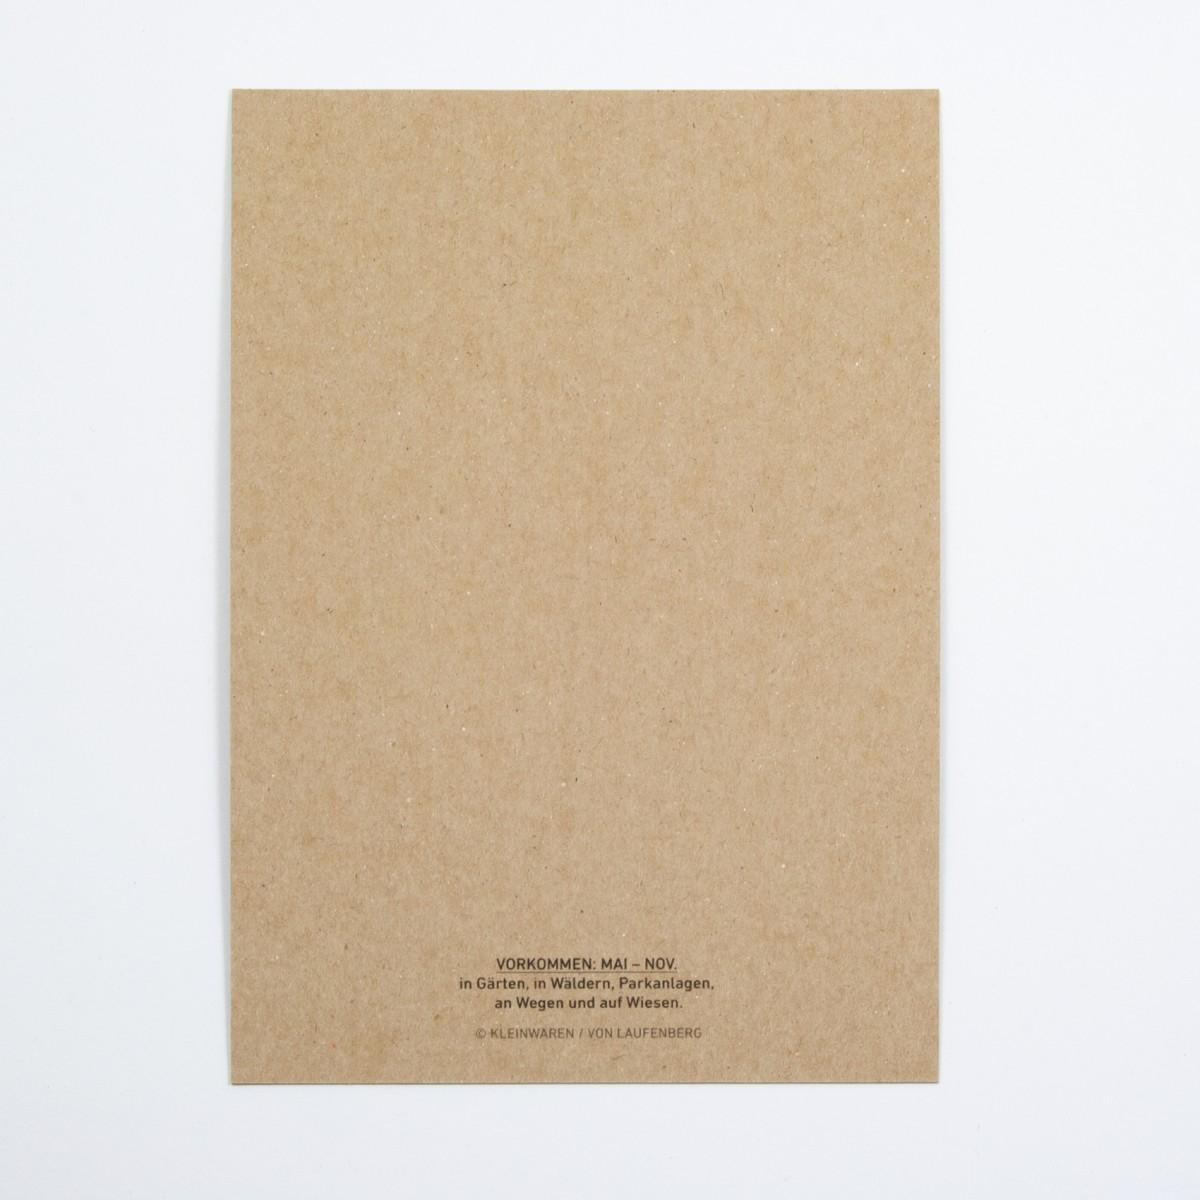 KLEINWAREN / VON LAUFENBERG Schopf-Tintling Postkarte